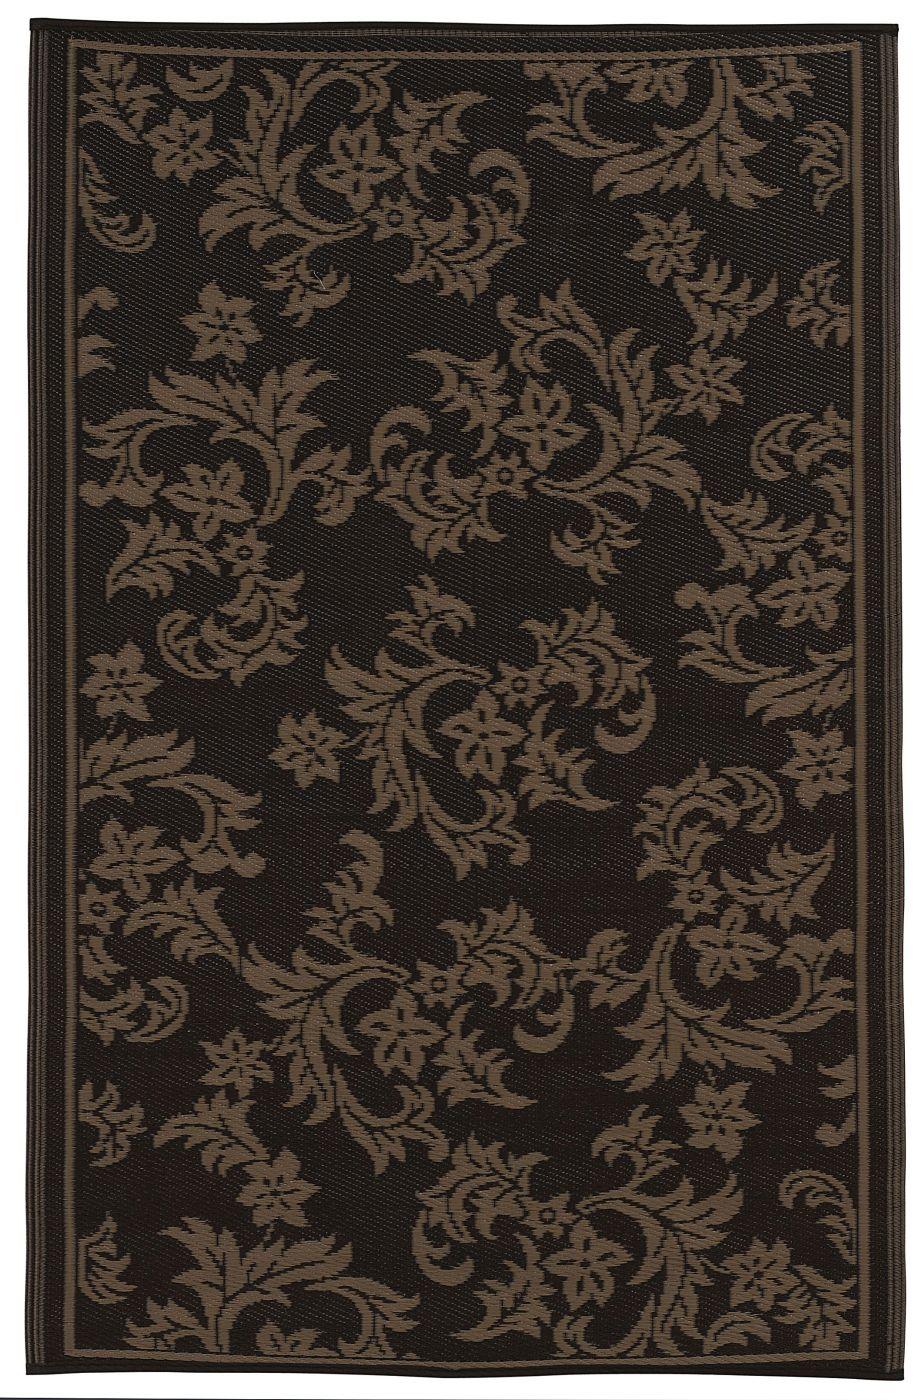 garten im quadrat outdoor teppich versailles rankenmuster in braun und beige. Black Bedroom Furniture Sets. Home Design Ideas